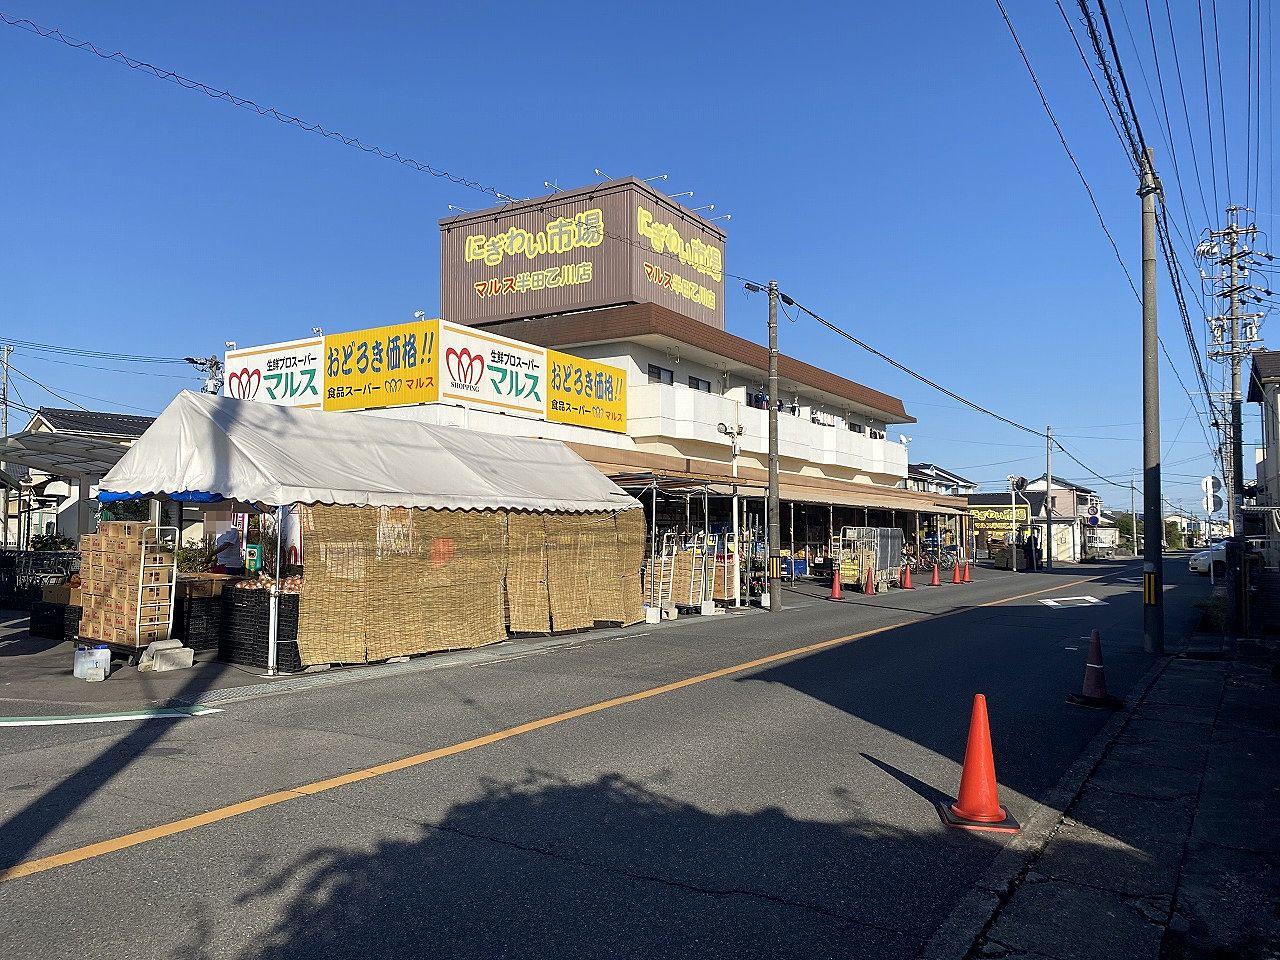 マルスさんといえば、知多半島で6店舗も展開する地域密着のスーパーです。色々な意味深なPOPの数々や値段の安さが魅力